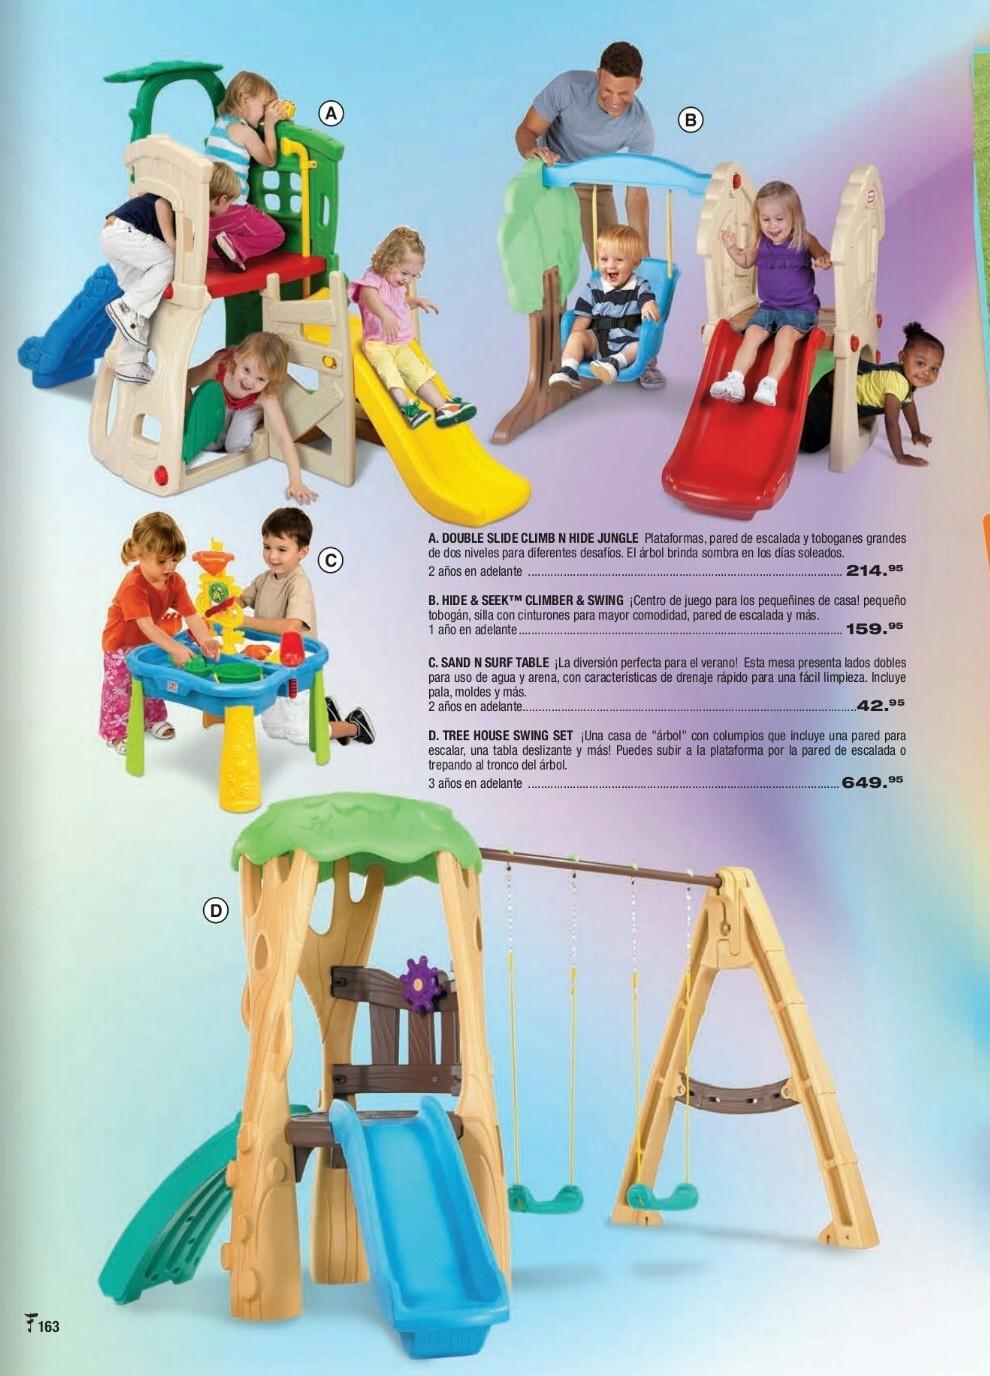 Catalogo juguetes Felix B Maduro 2018 p163